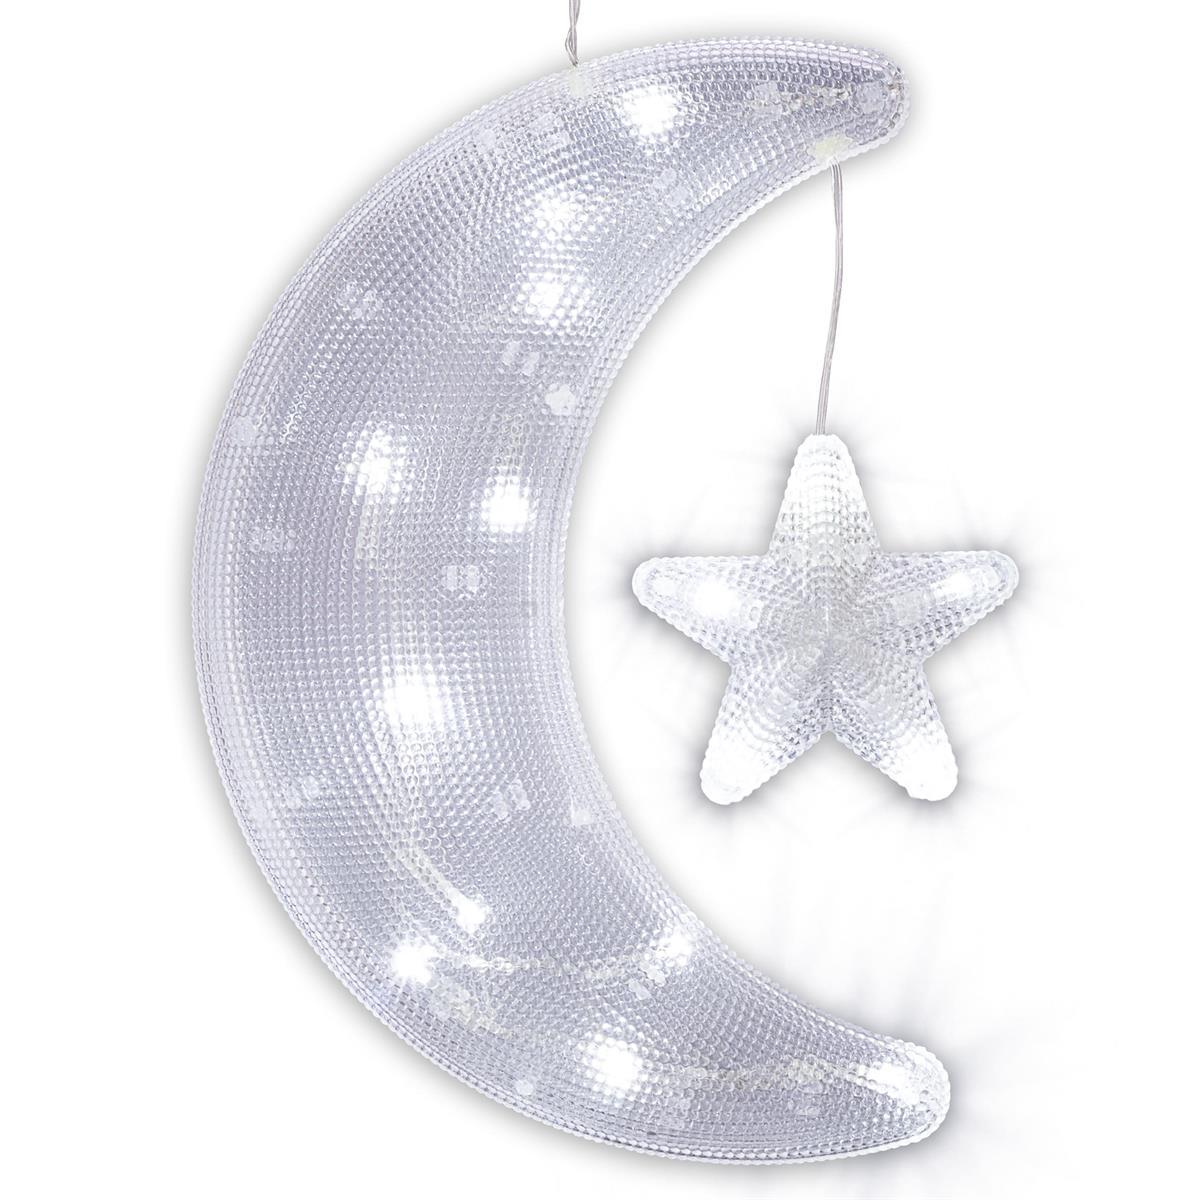 20er LED Dekofigur Weihnachtsfigur Weihnachtsdekoration Leuchtfigur Weiß